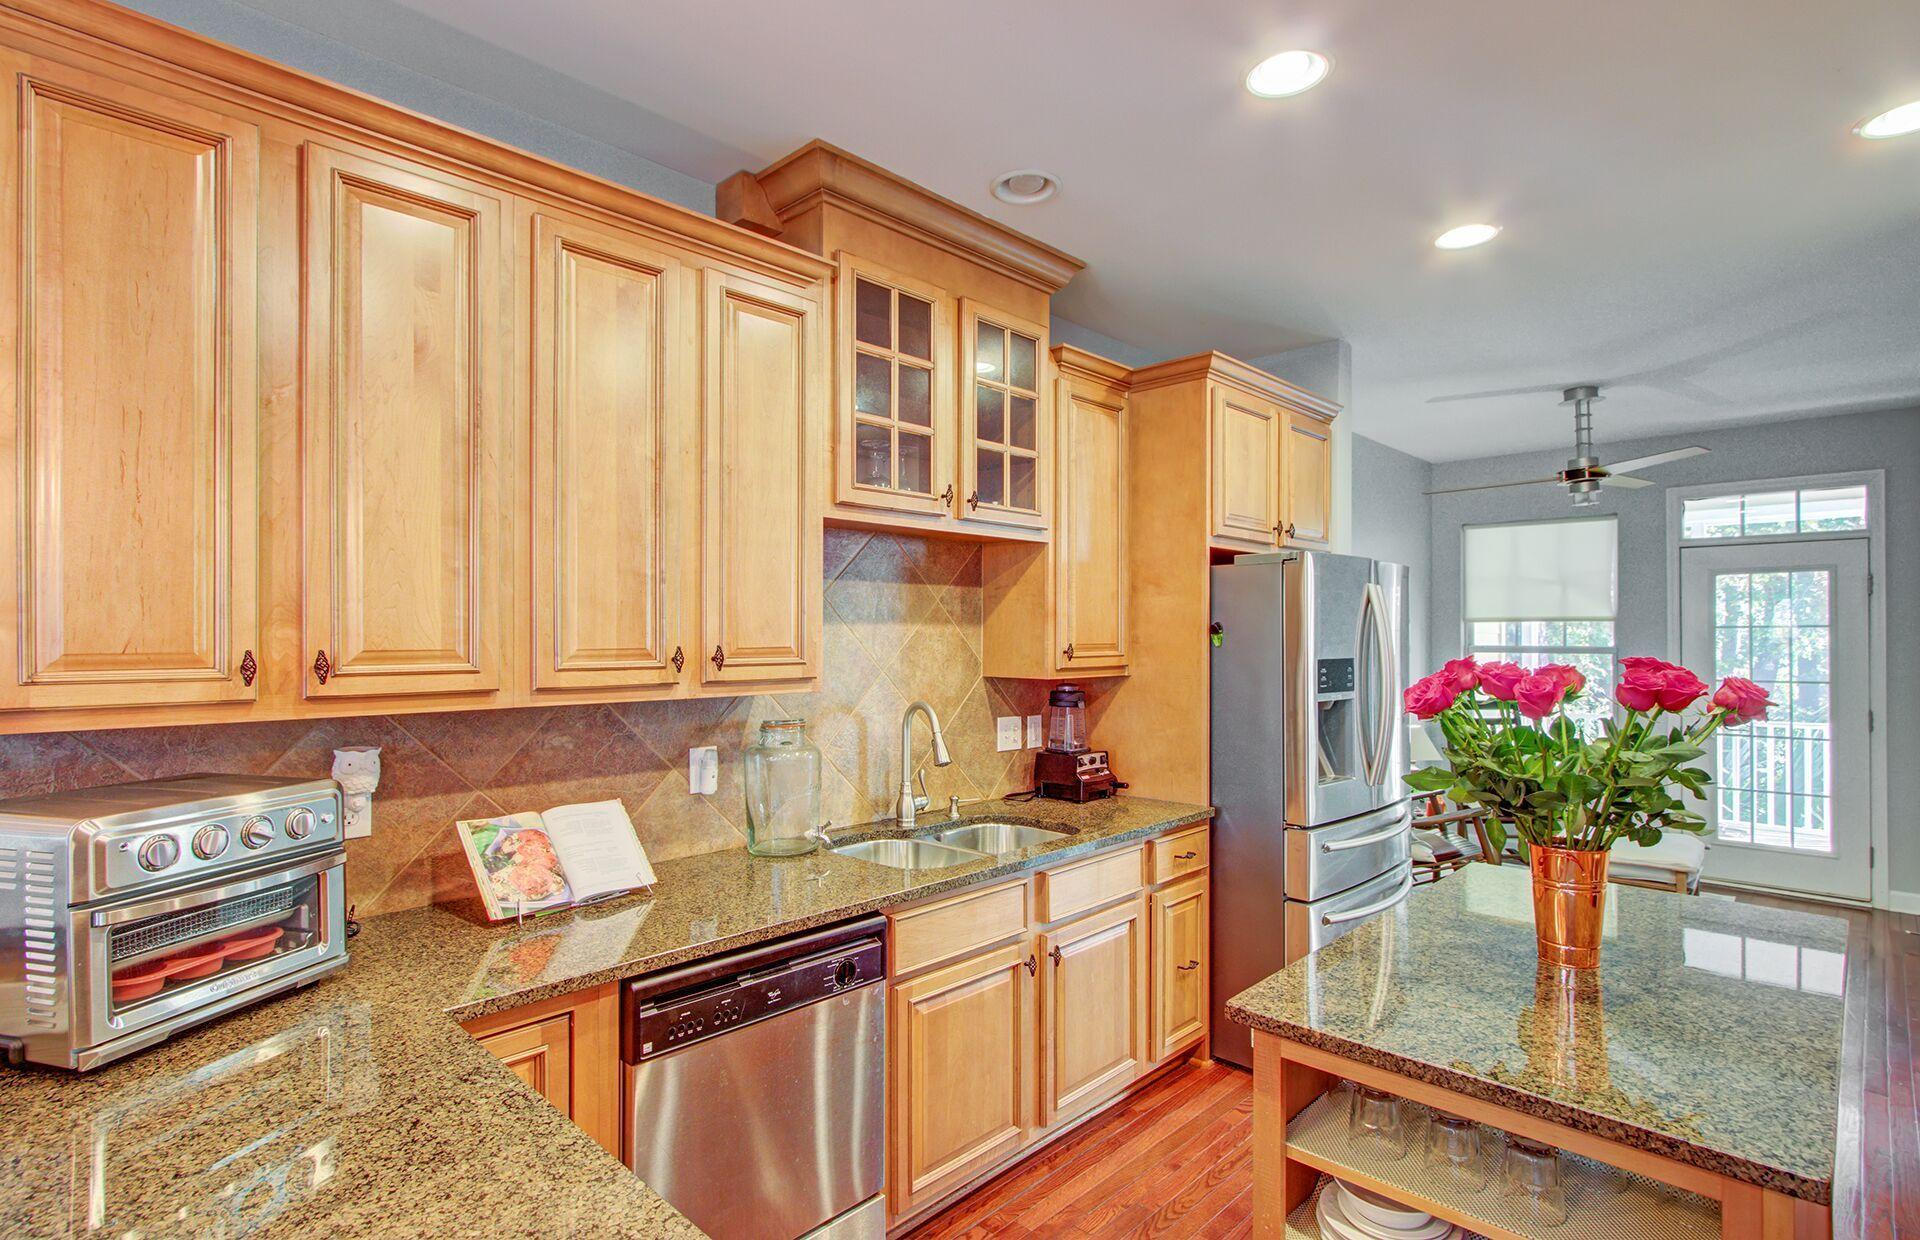 Dunes West Homes For Sale - 100 Fair Sailing, Mount Pleasant, SC - 12